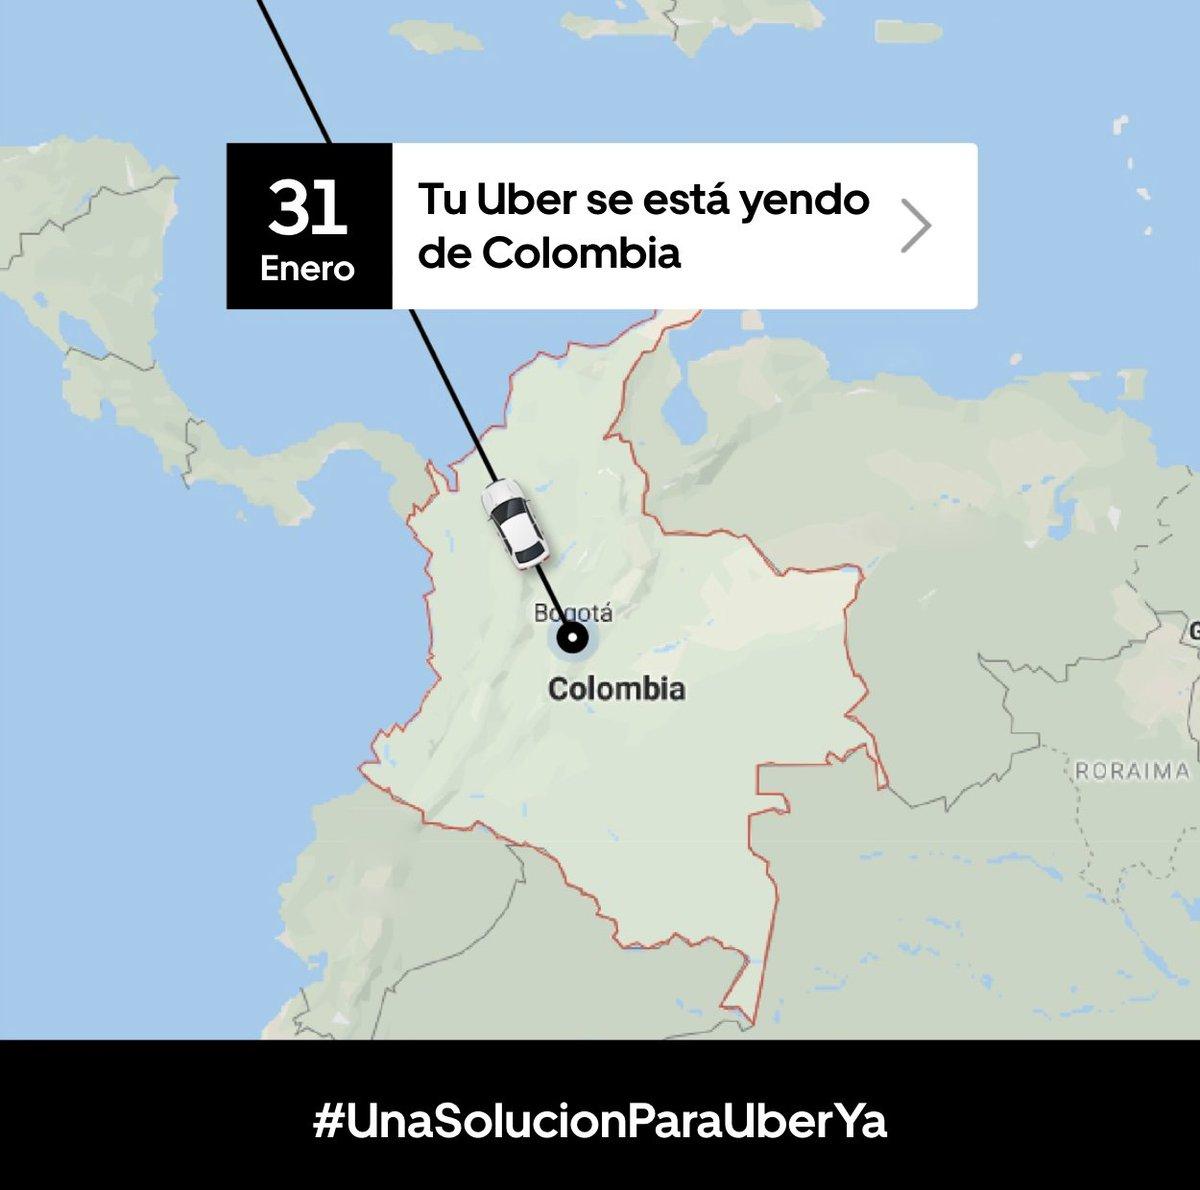 😢Adiós... ojalá hasta pronto. #UnaSolucionParaUberYa